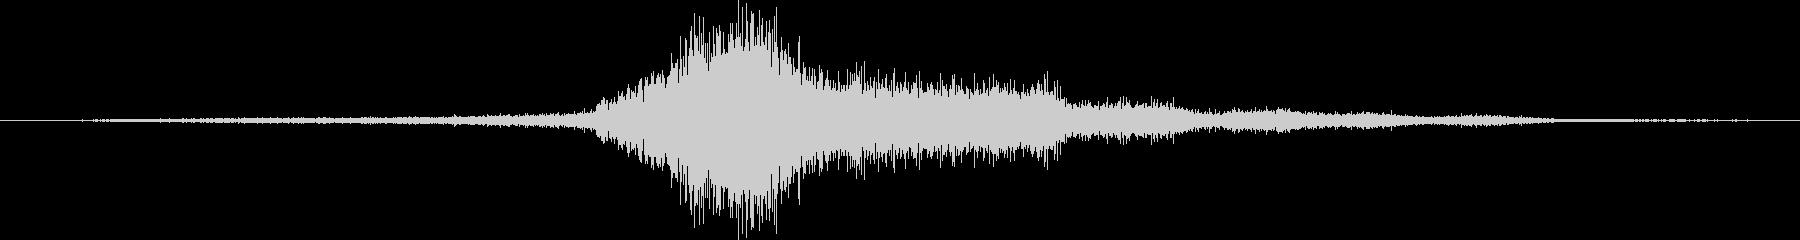 シボレーカマロ:内線:低速で左にア...の未再生の波形